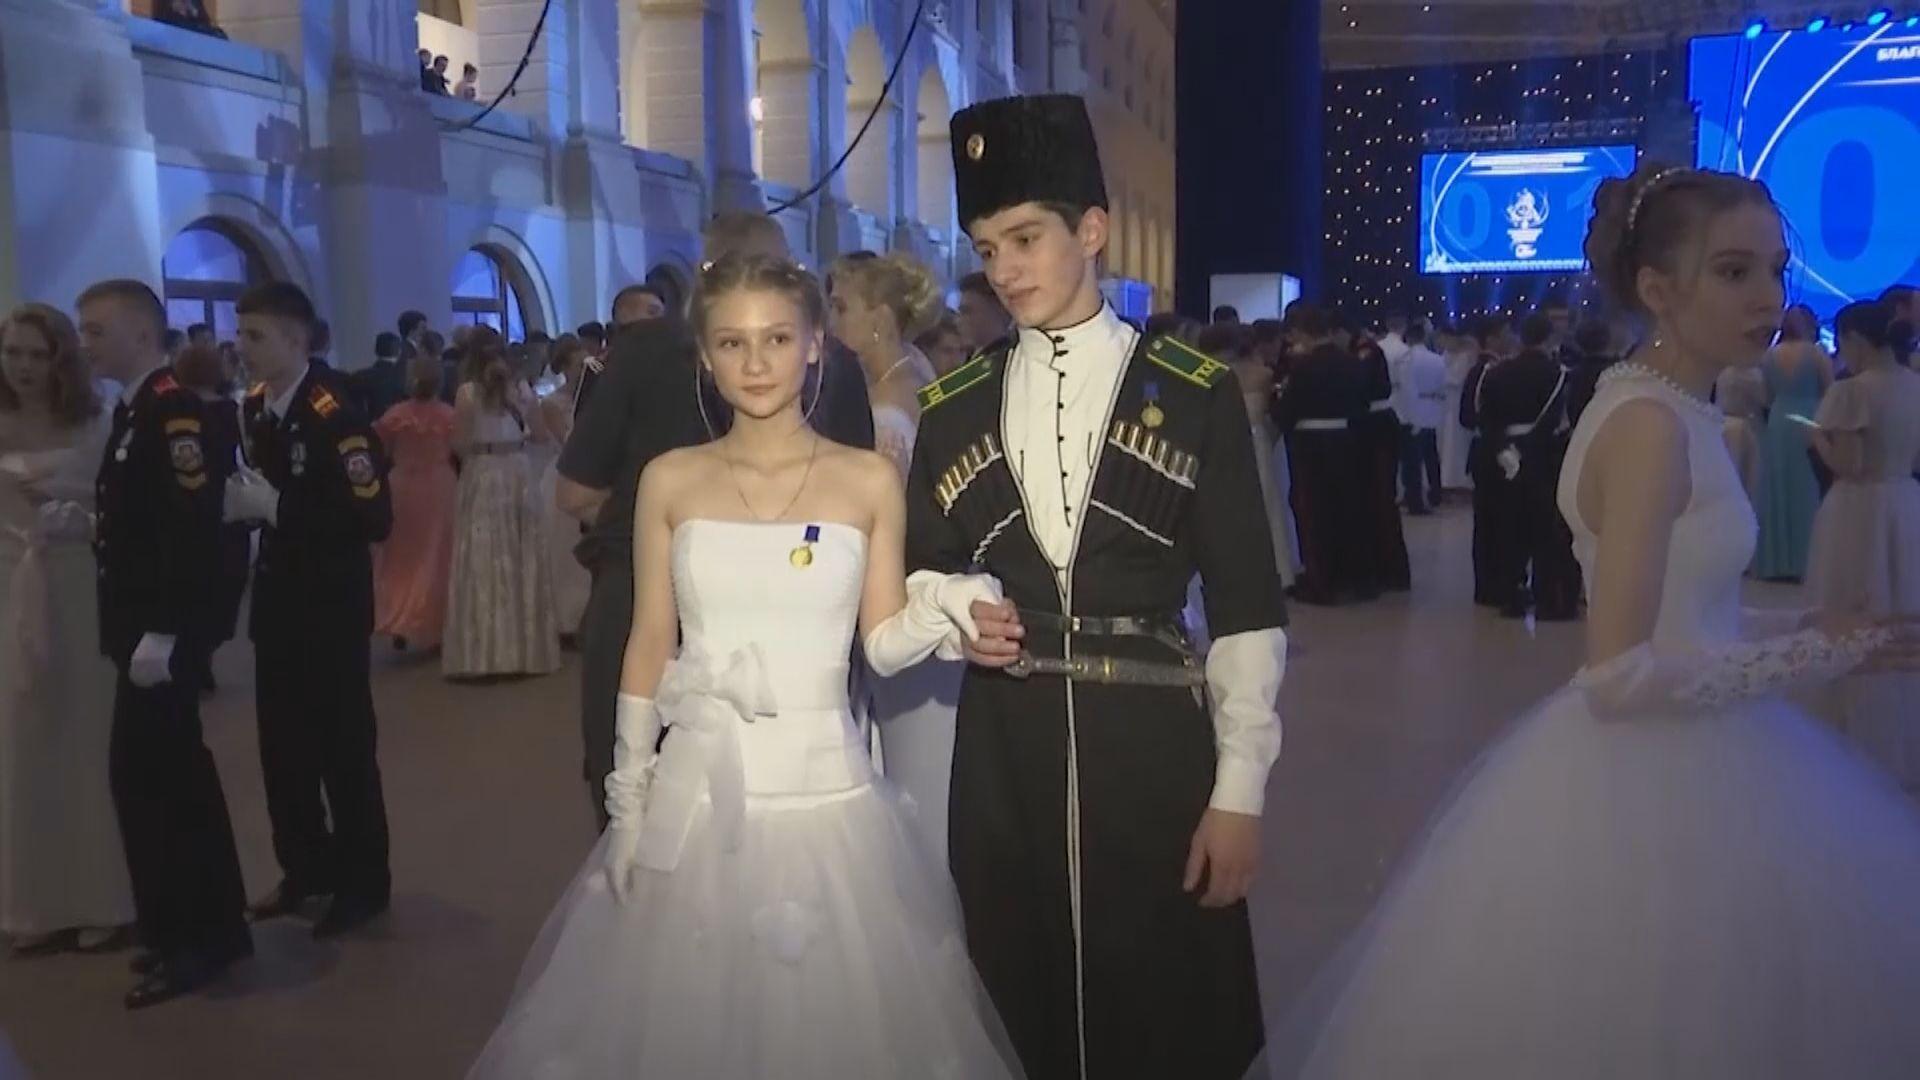 【環球薈報】俄羅斯莫斯科舉辦年度軍官舞會